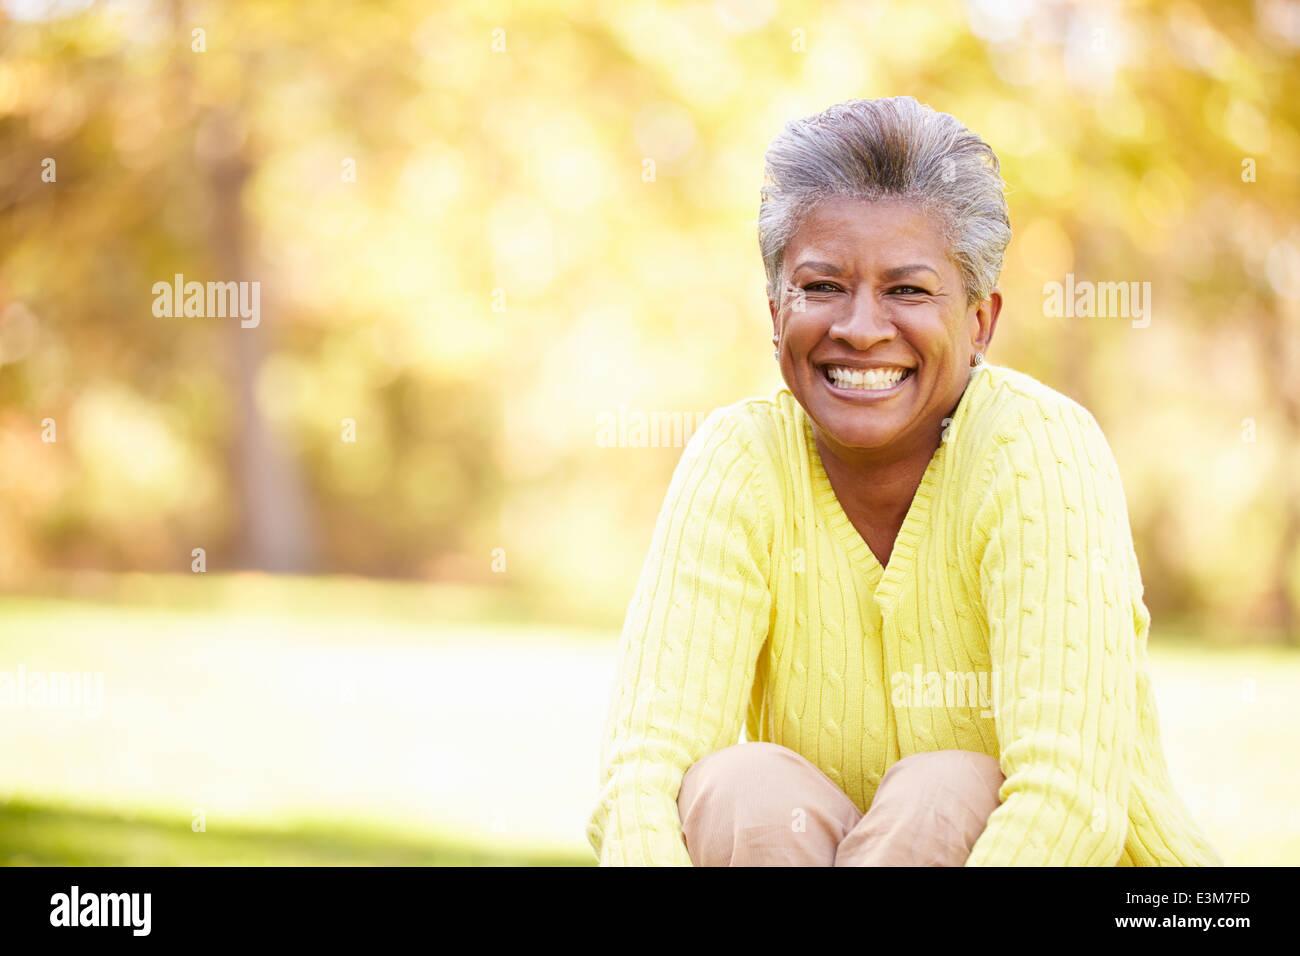 Mujer madura relajante paisaje otoñal Imagen De Stock